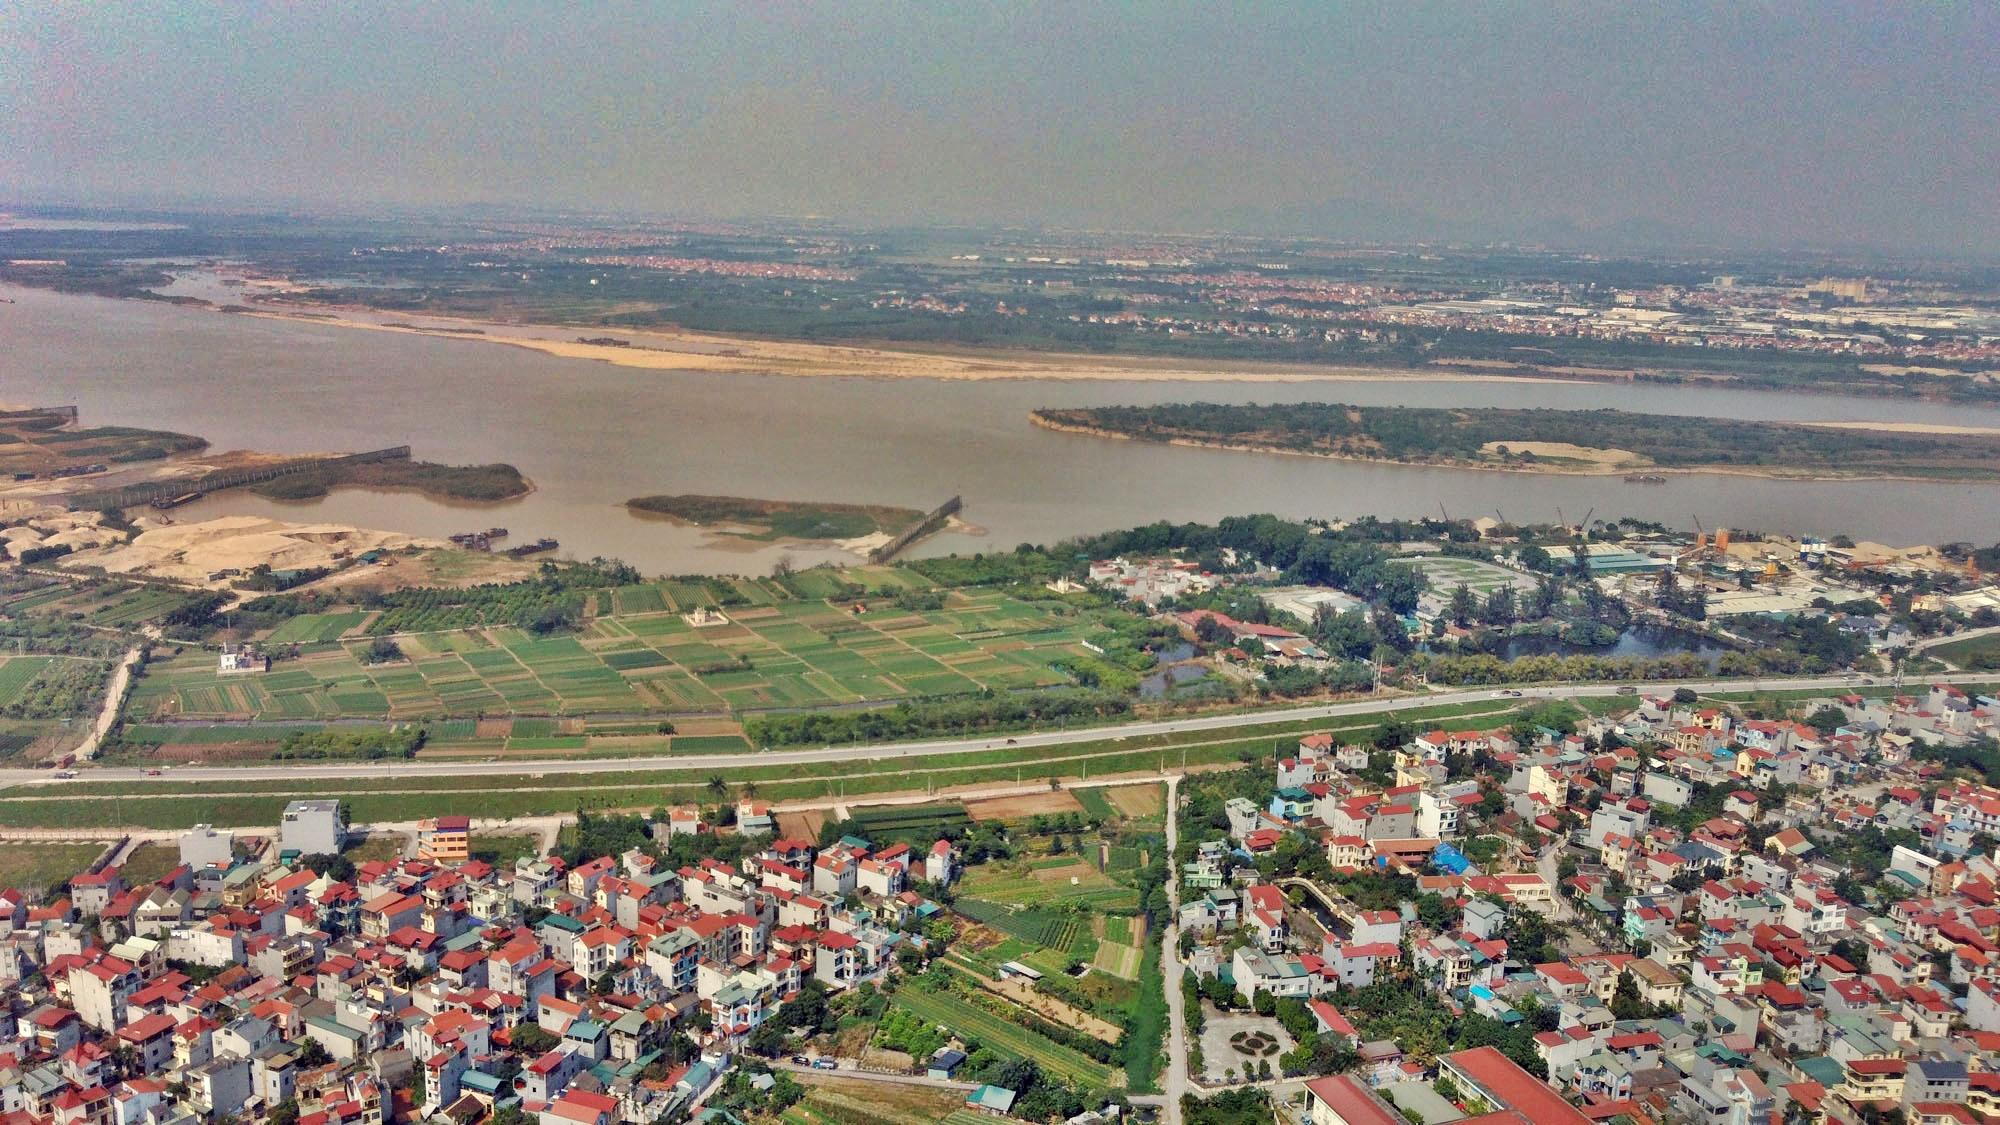 Toàn cảnh hiện trạng Phân khu đô thị sông Hồng trên địa bàn quận Bắc Từ Liêm - Ảnh 11.